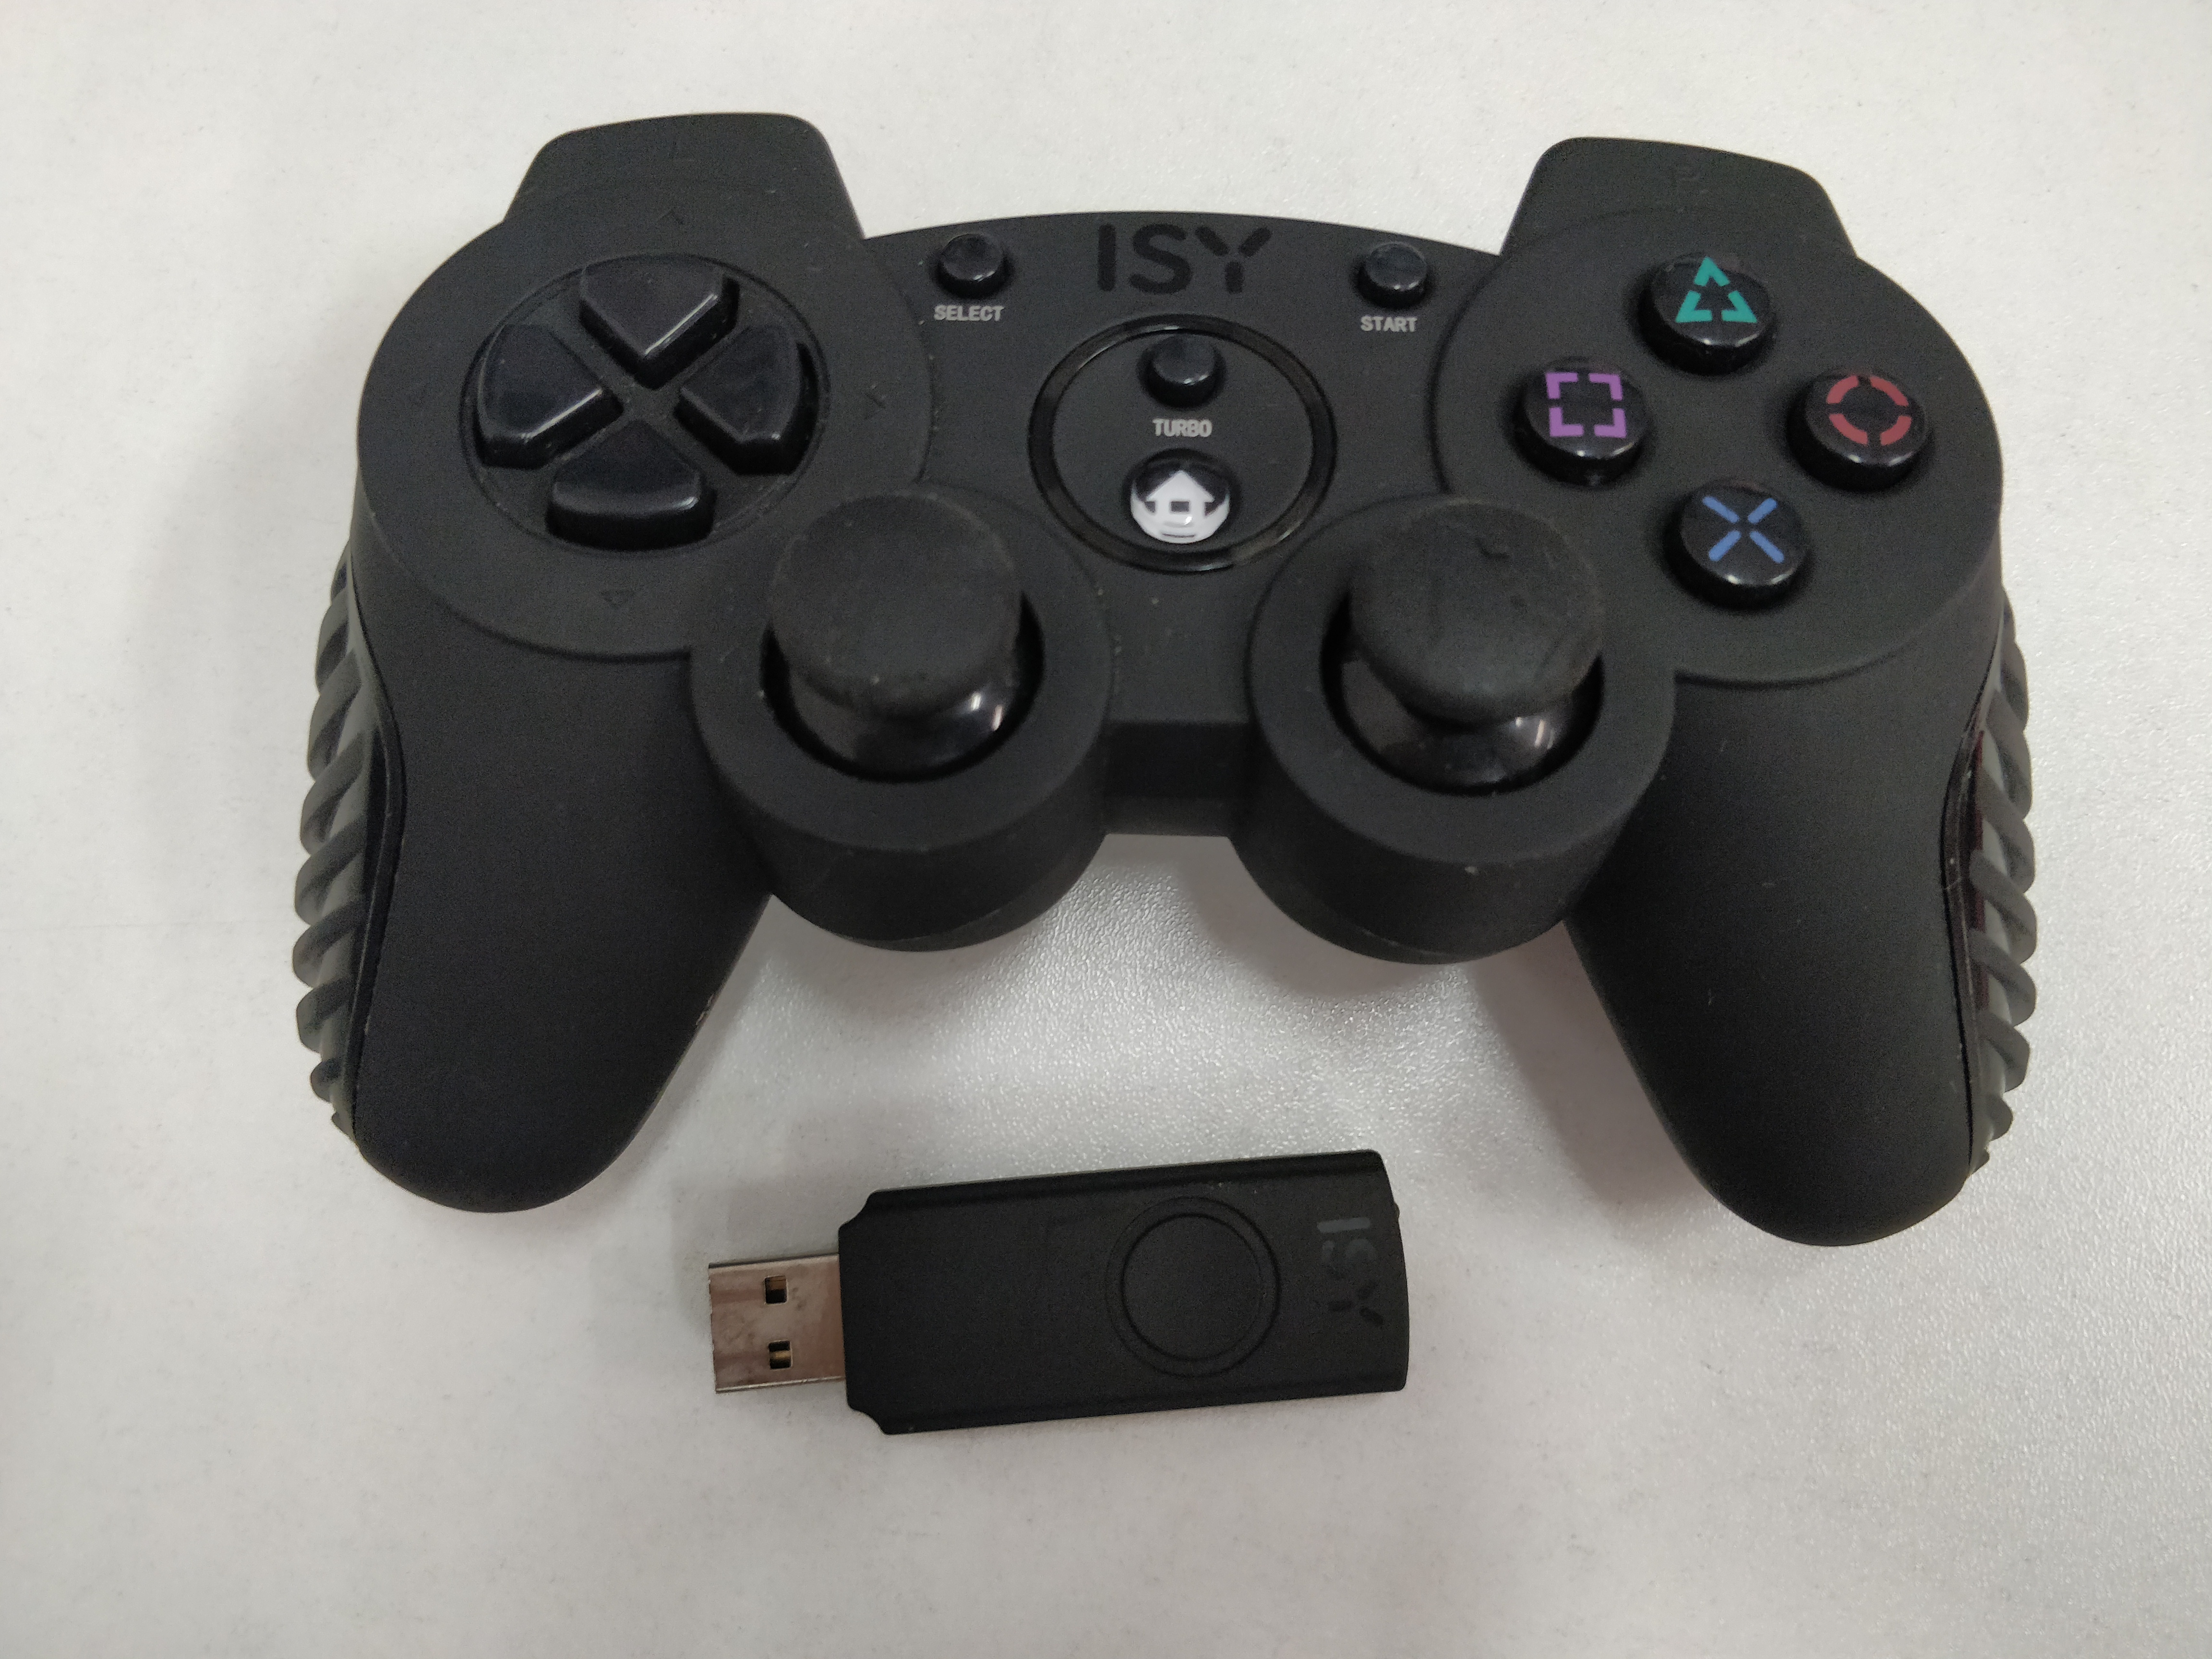 [PS3] Bezdrátový Ovladač ISY IC 4000 na USB přijímač - černý (estetická vada)